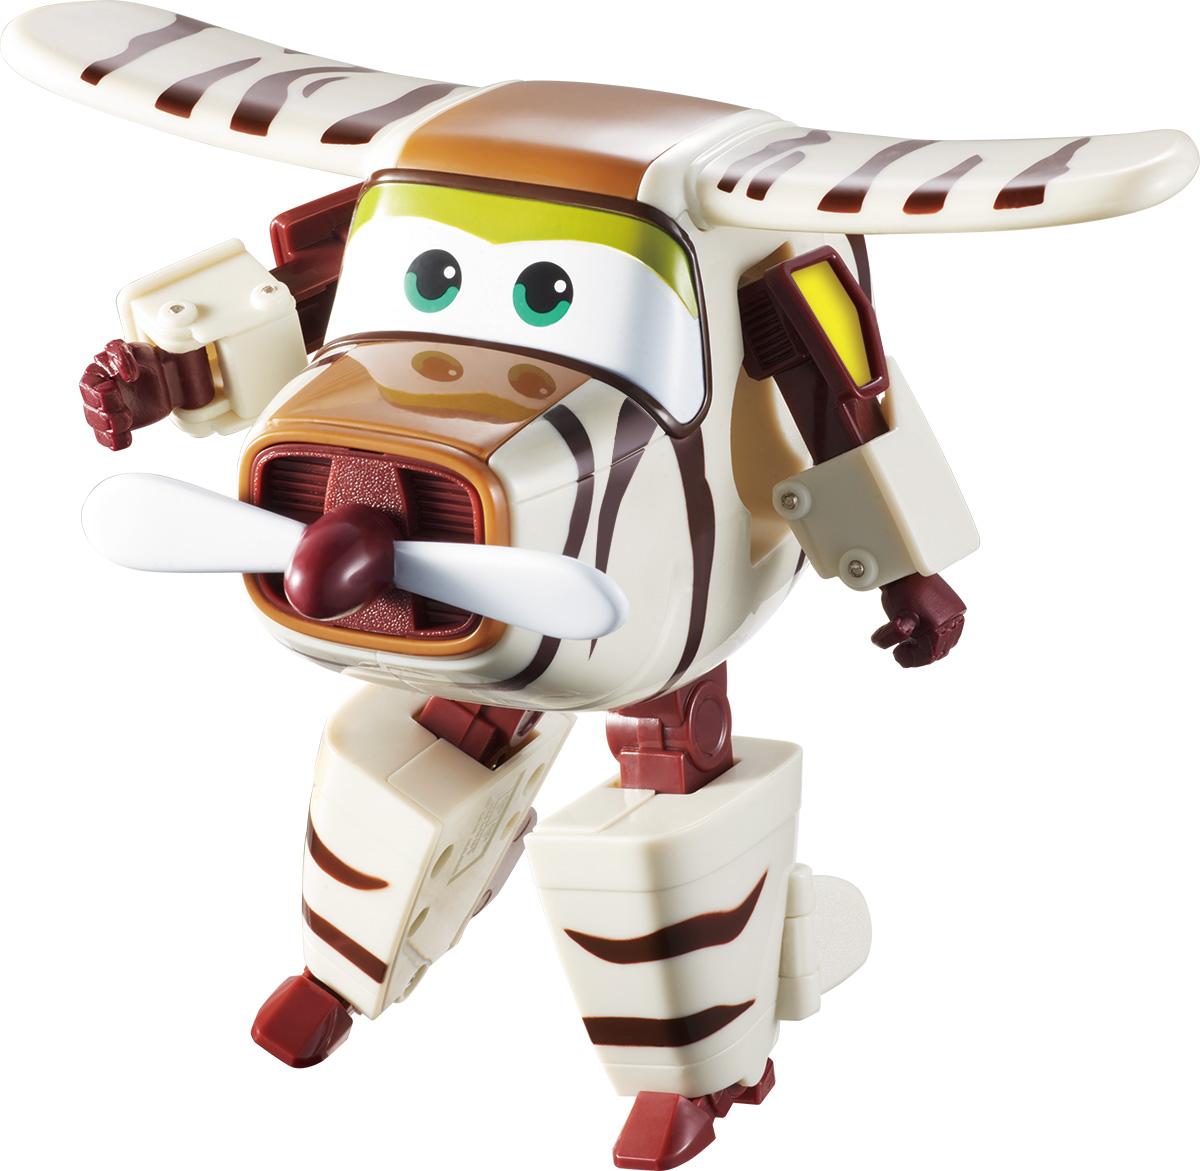 Super Wings Трансформер Бэлло YW710270YW710270Игрушка-трансформер Бэлло надолго займет внимание вашего ребенка. Игрушка выполнена из безопасного пластика в виде самолета по имени Бэлло, полностью повторяющего персонажа популярного мультсериала «Super Wings». Ваш ребёнок сможет всего за 10 шагов превратить самолет в робота и обратно. Сафари-самолёт Бэлло понимает абсолютно все языки животных и птиц. Когда между ребятами и зверятами нет согласия, Бэлло всегда поможет договориться. Шасси самолетика свободно вращаются, двери трансформируются в руки, а ноги для сафари легко выдвигаются из хвостовой части и убираются обратно. Эта игрушка непременно понравится вашему малышу, ведь она развивает любознательность, пространственное мышление, логику и мелкую моторику рук.